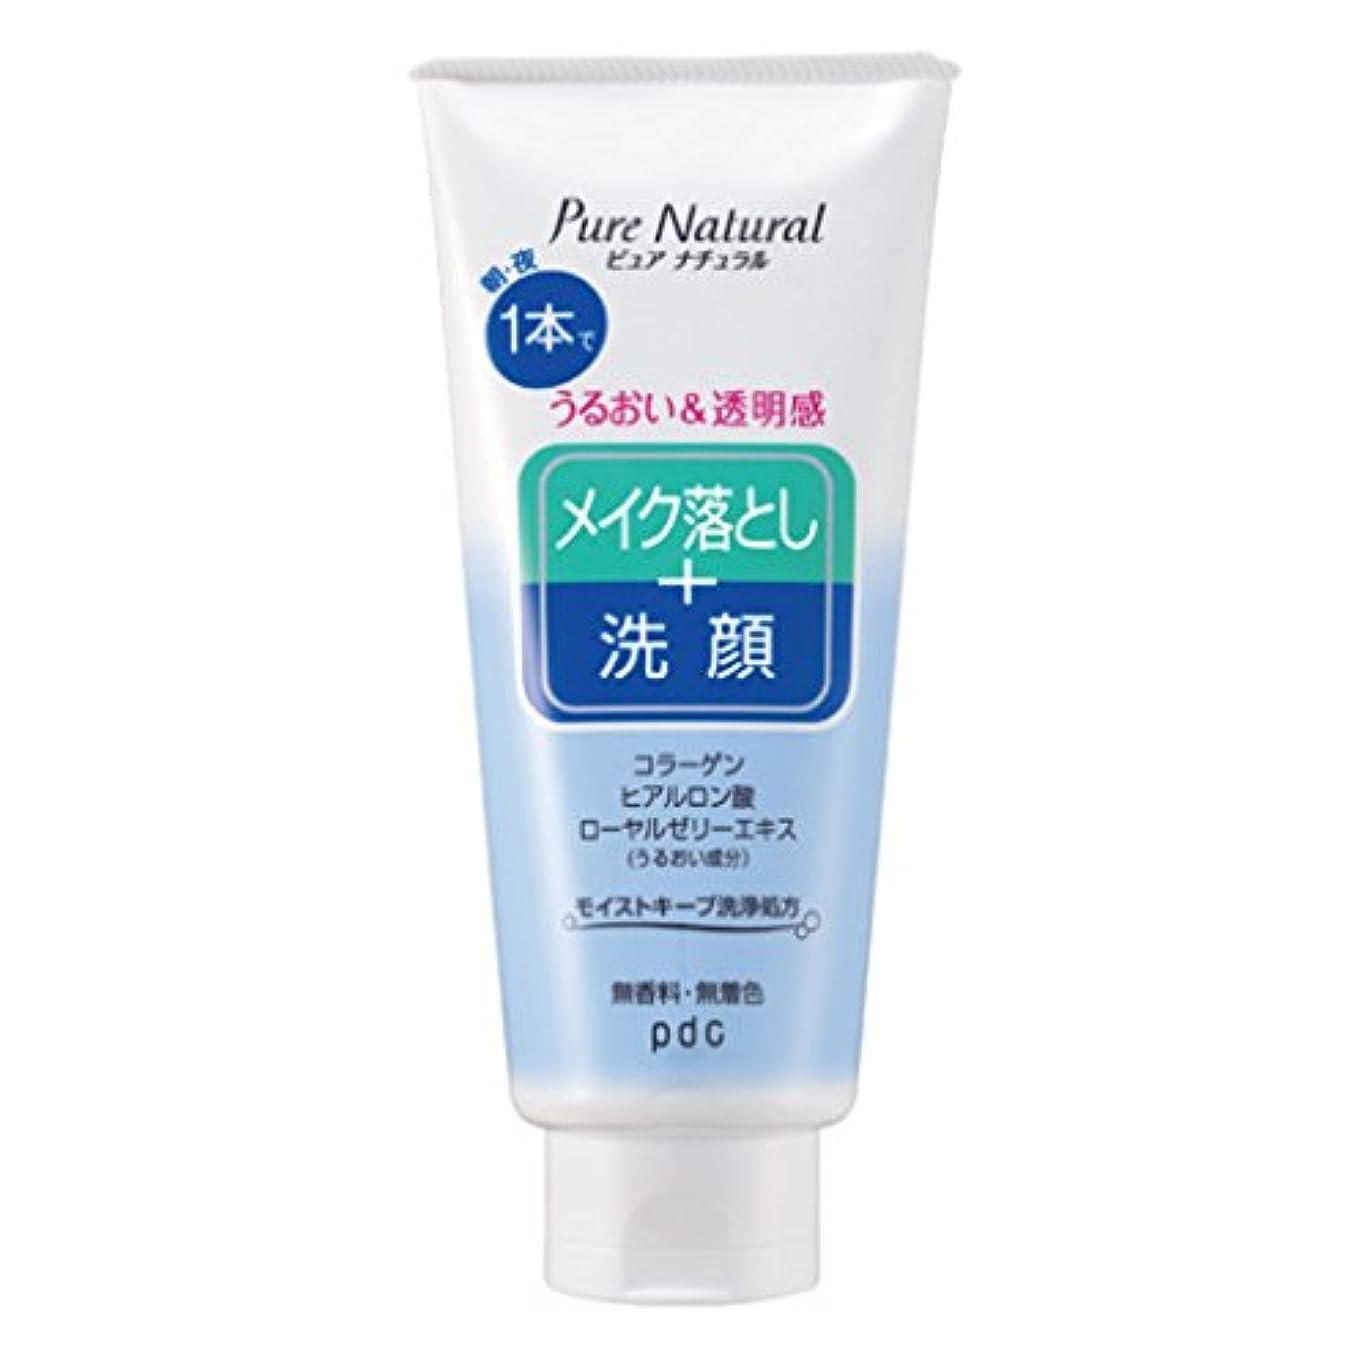 確立行為特別なPure NATURAL(ピュアナチュラル) クレンジング洗顔 170g